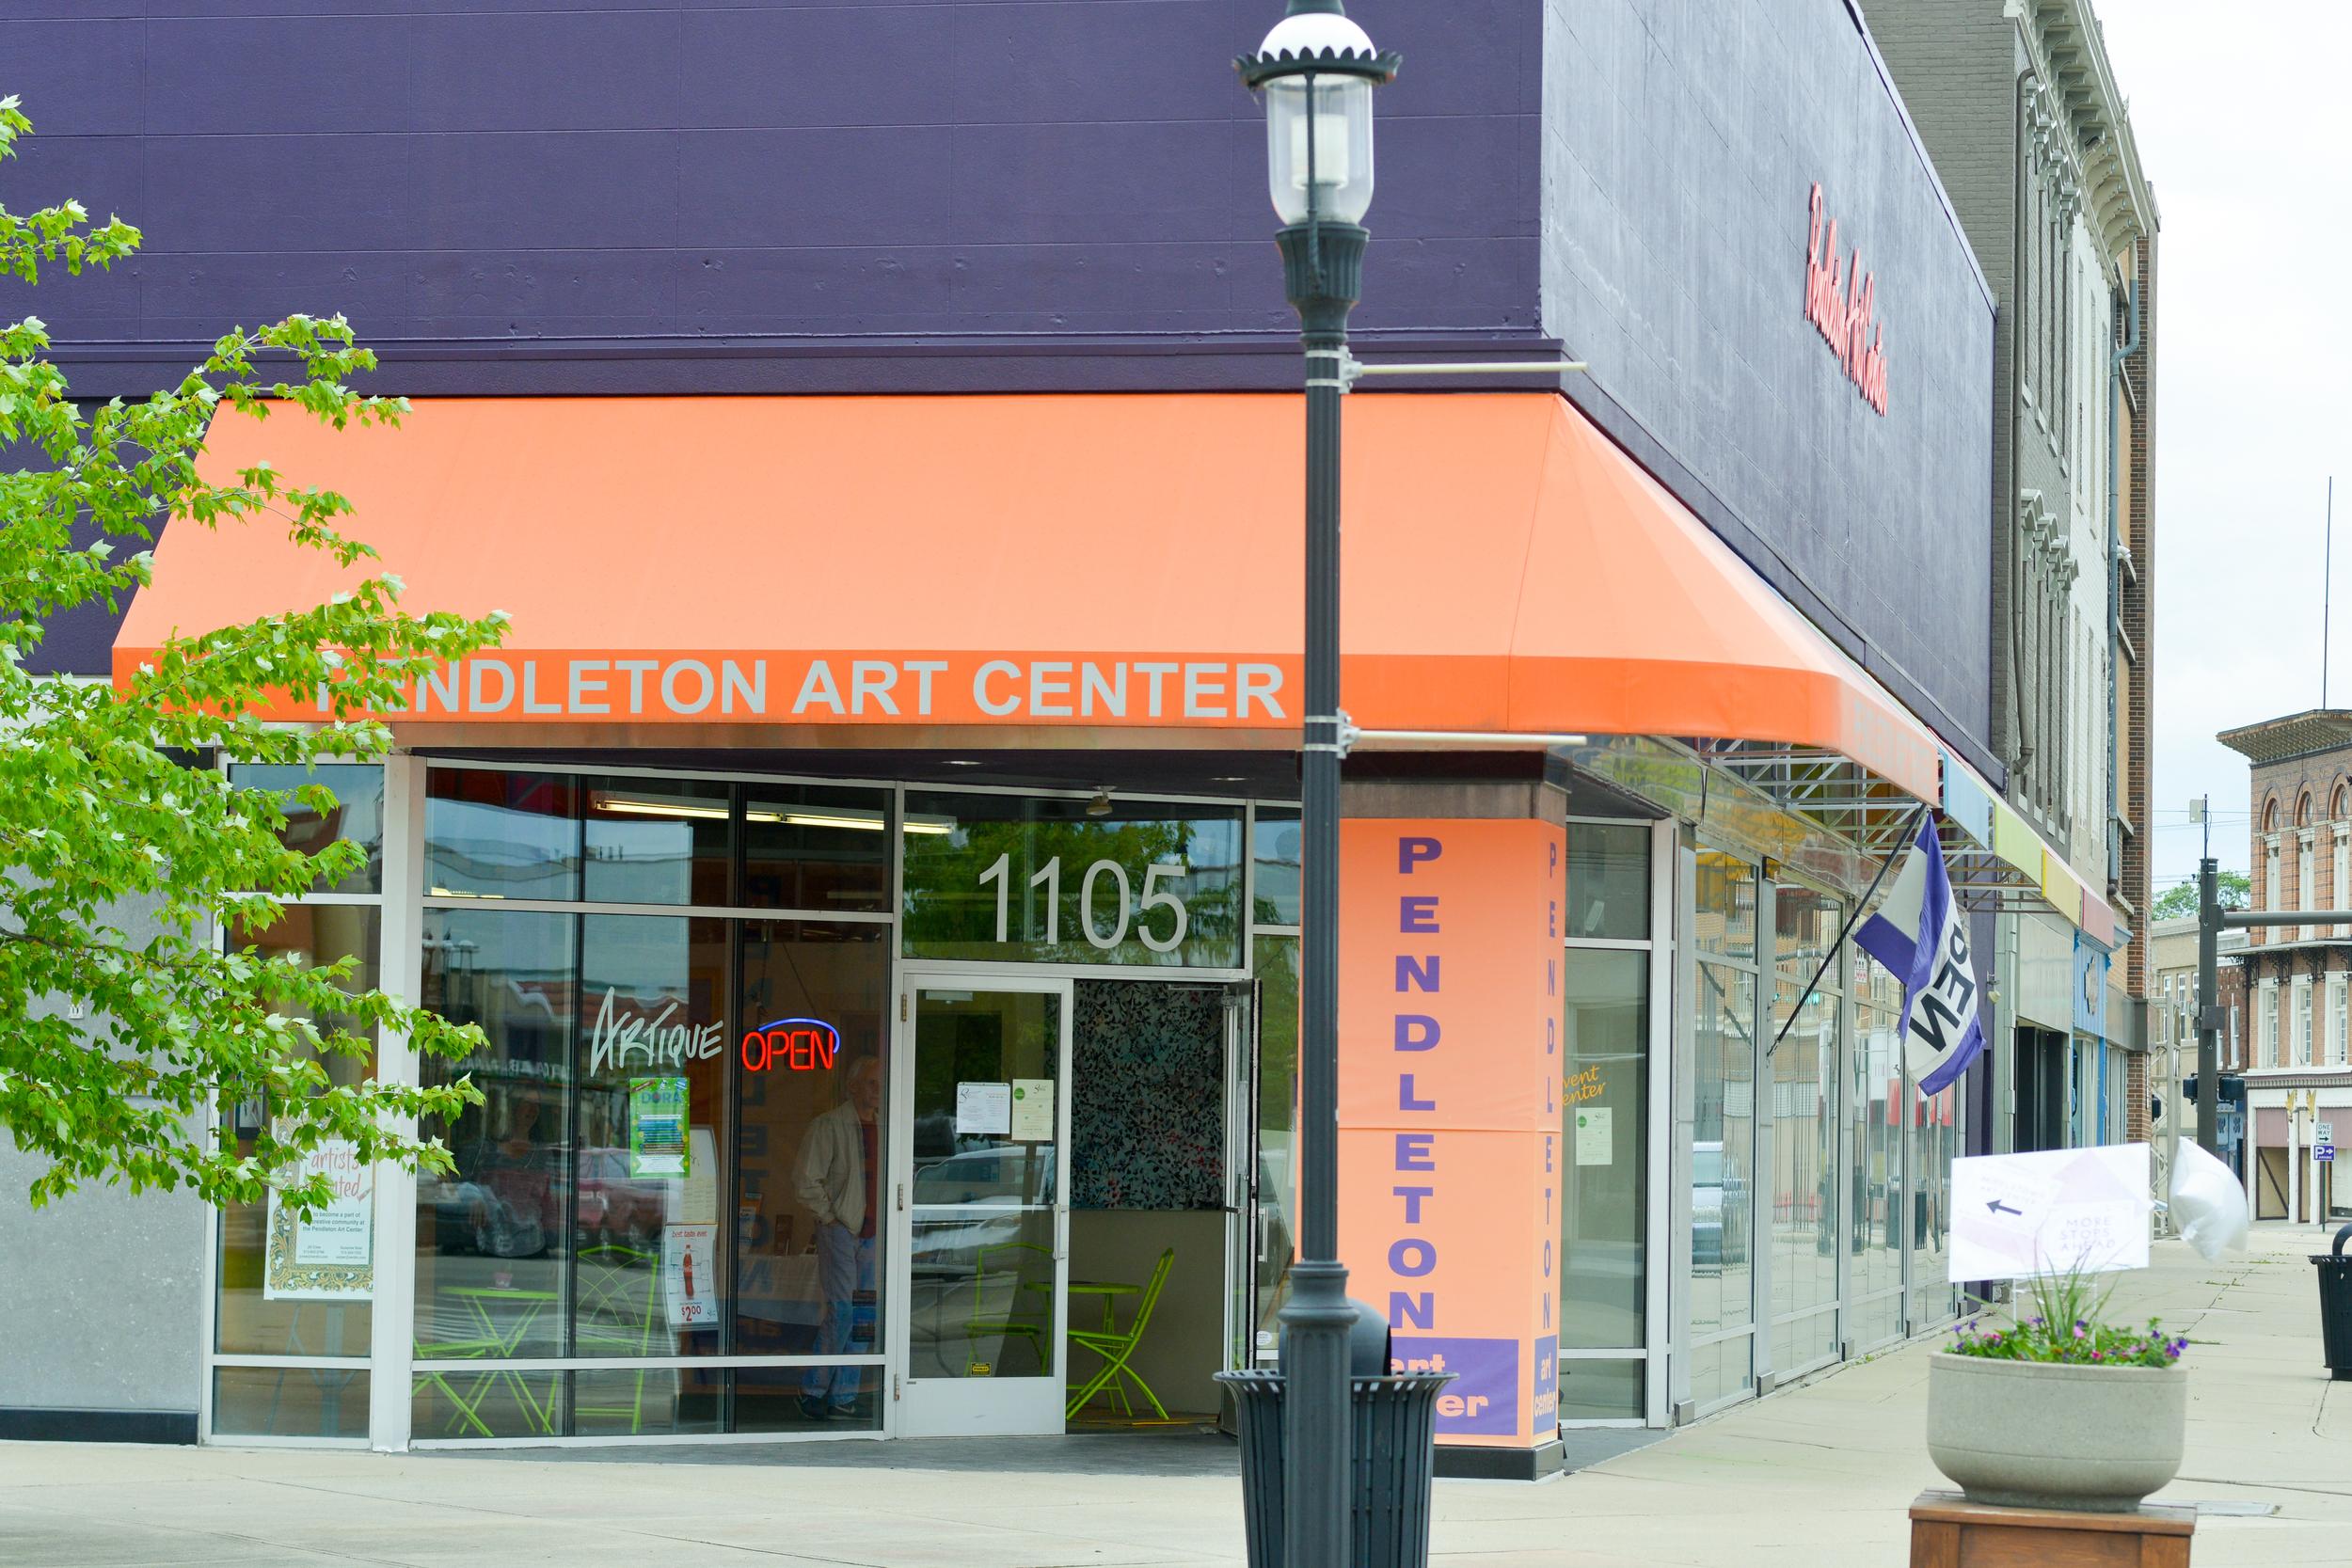 Pendleton Arts Center - Middletown, Ohio